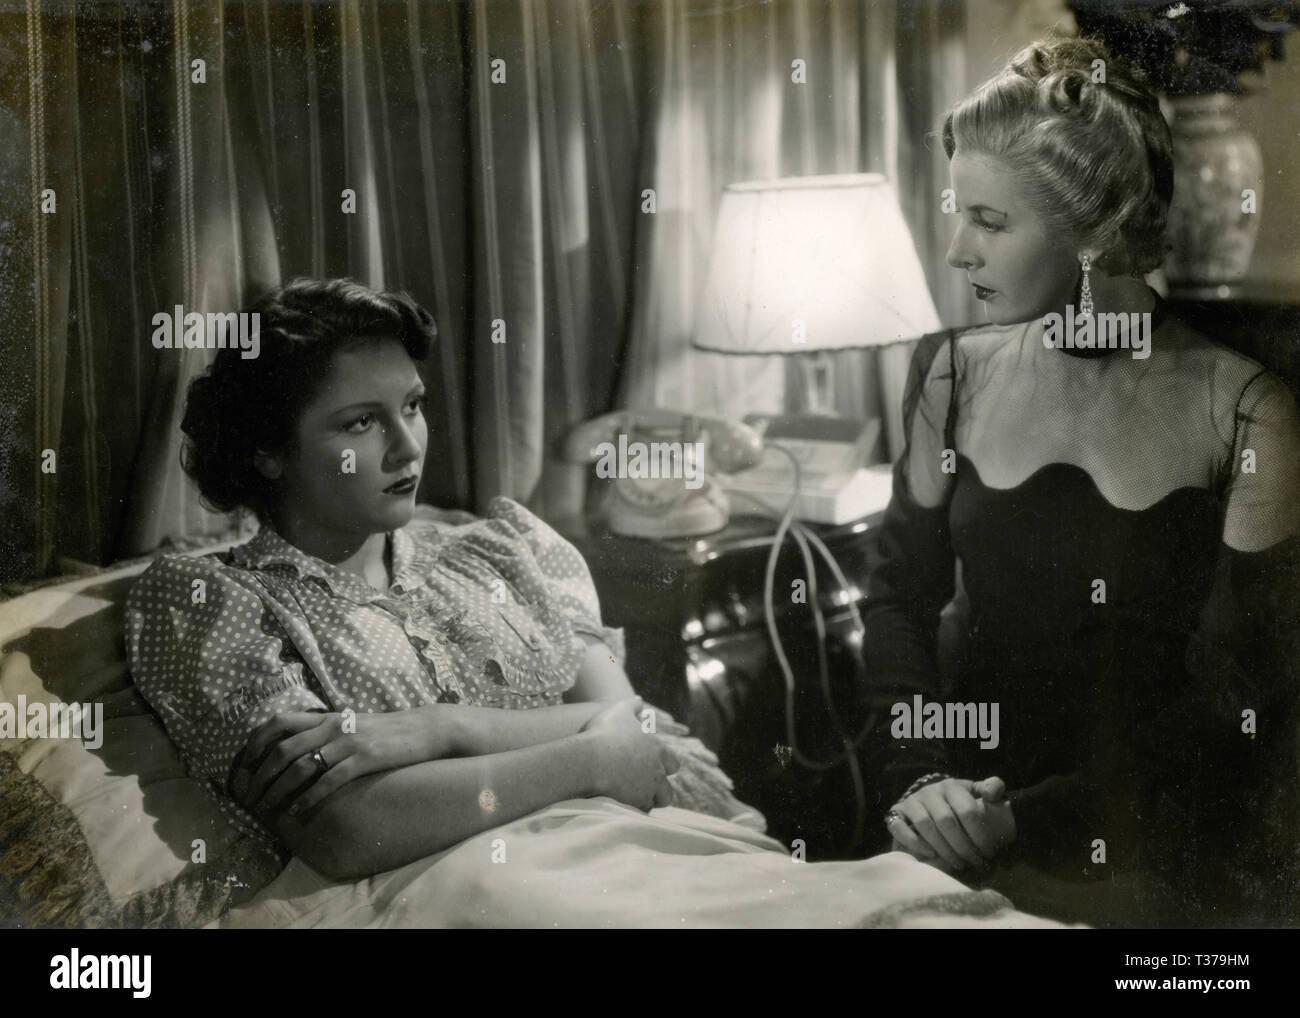 Italian actress Ruby Dalma in the movie 'C'è sempre un ma', Tirrenia, Italy 1942 - Stock Image